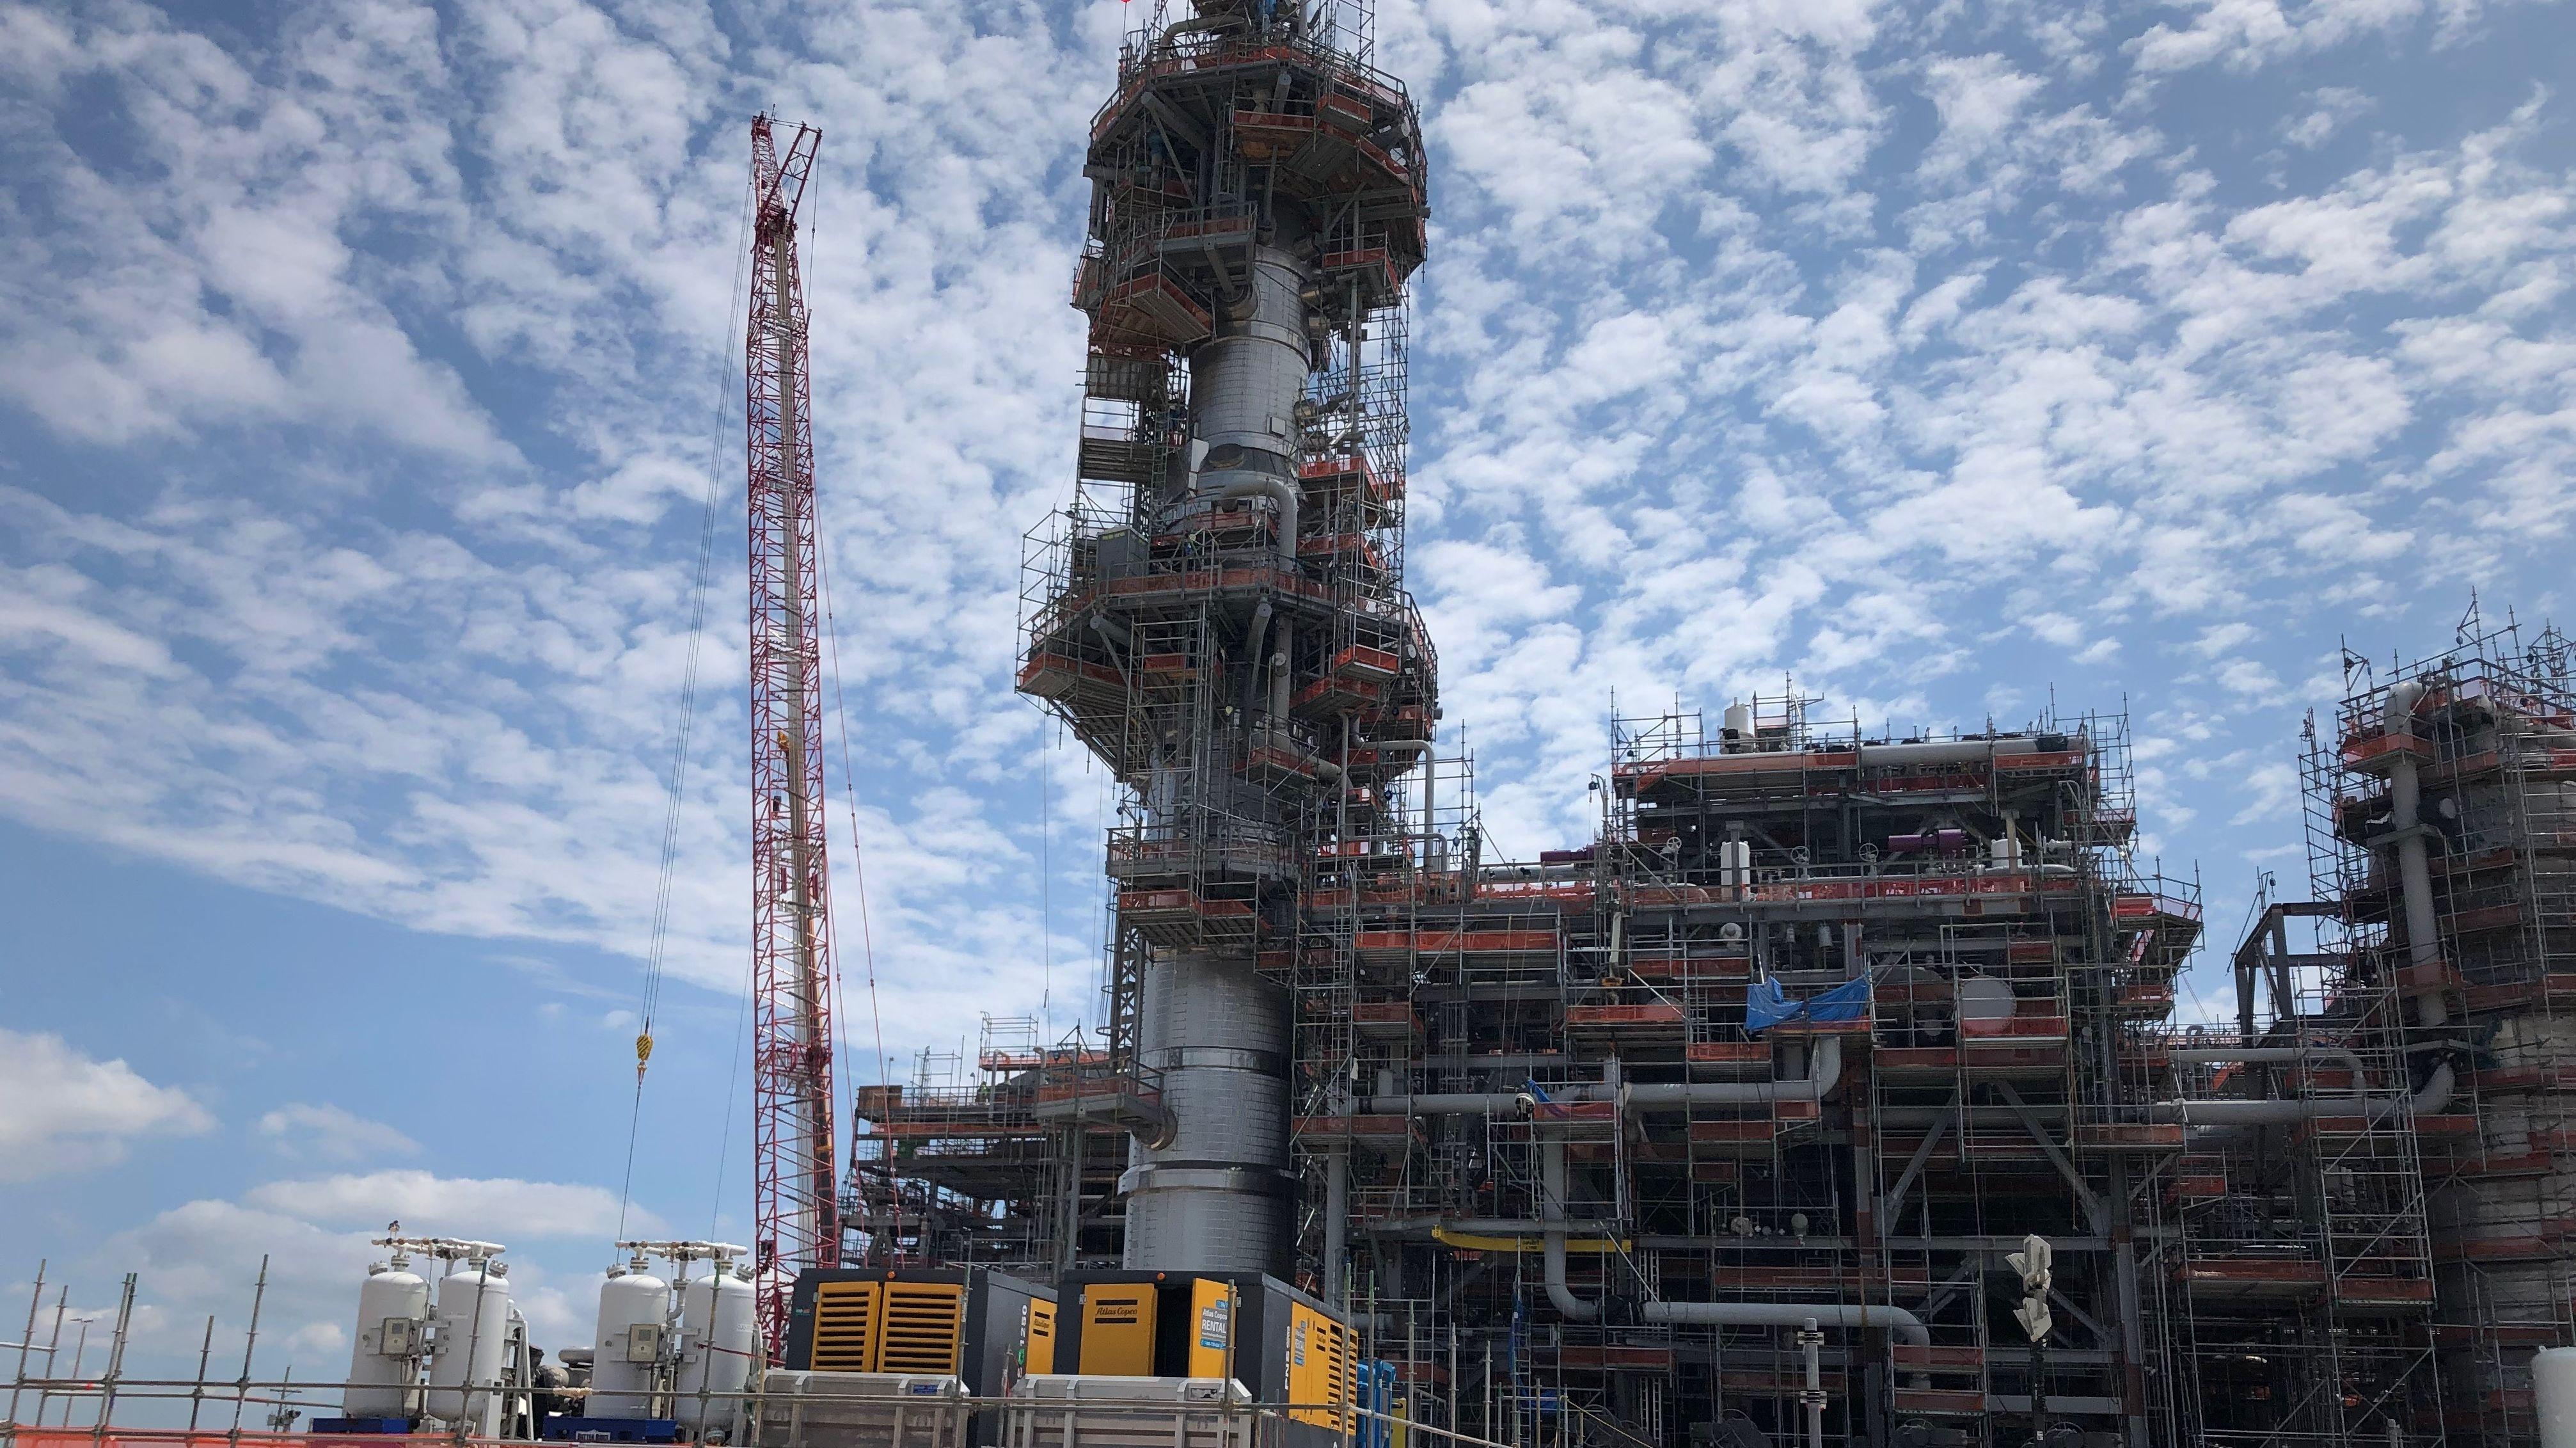 In diesem Turm wird das Erdgas abgekühlt auf -164 Grad Celsius - so wird es zu flüssigem LNG